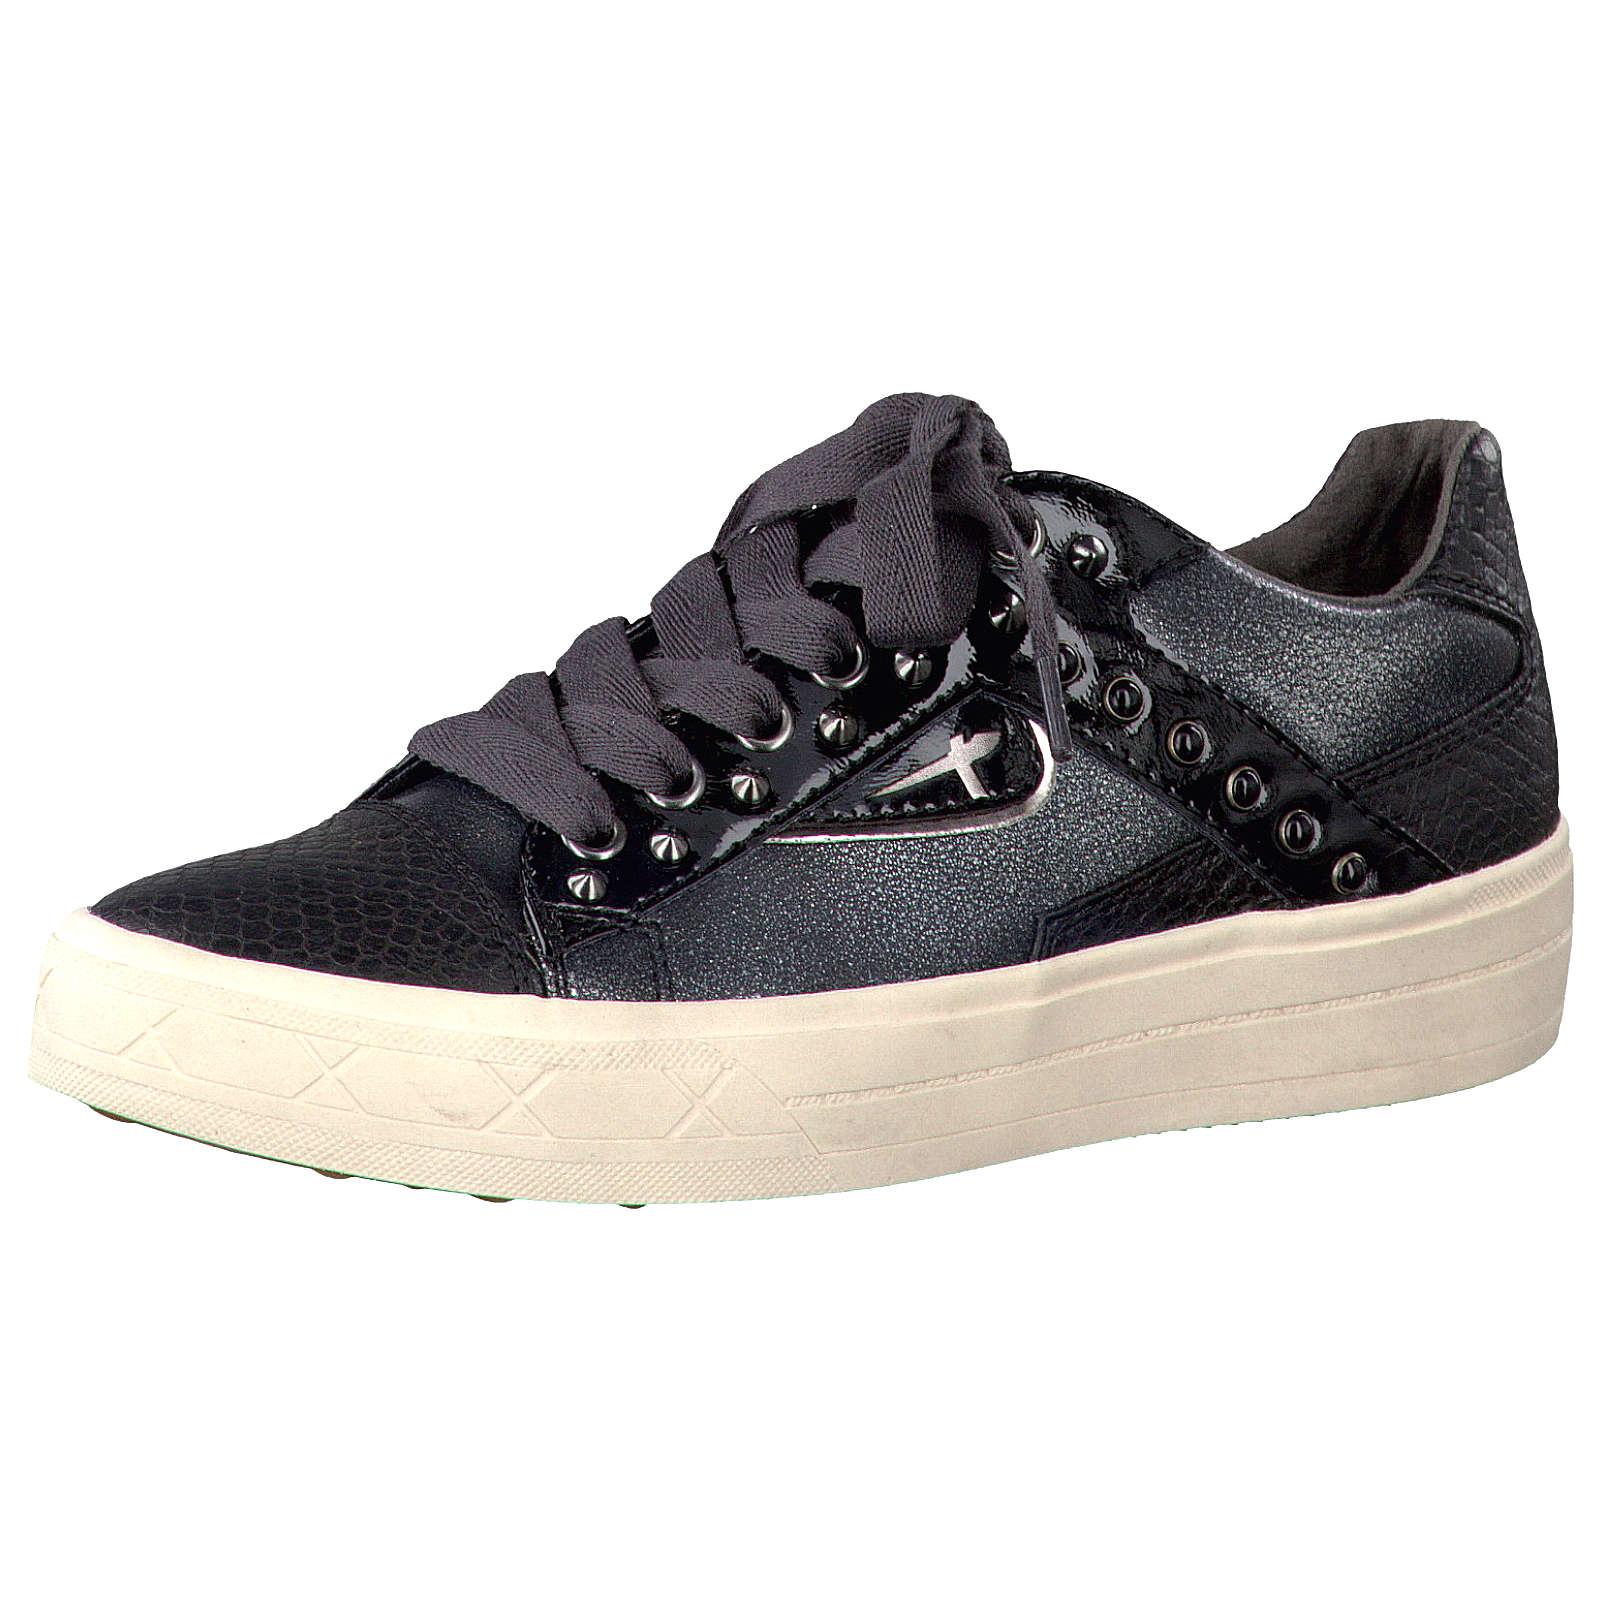 Tamaris Marras Sneakers schwarz Damen Gr. 36